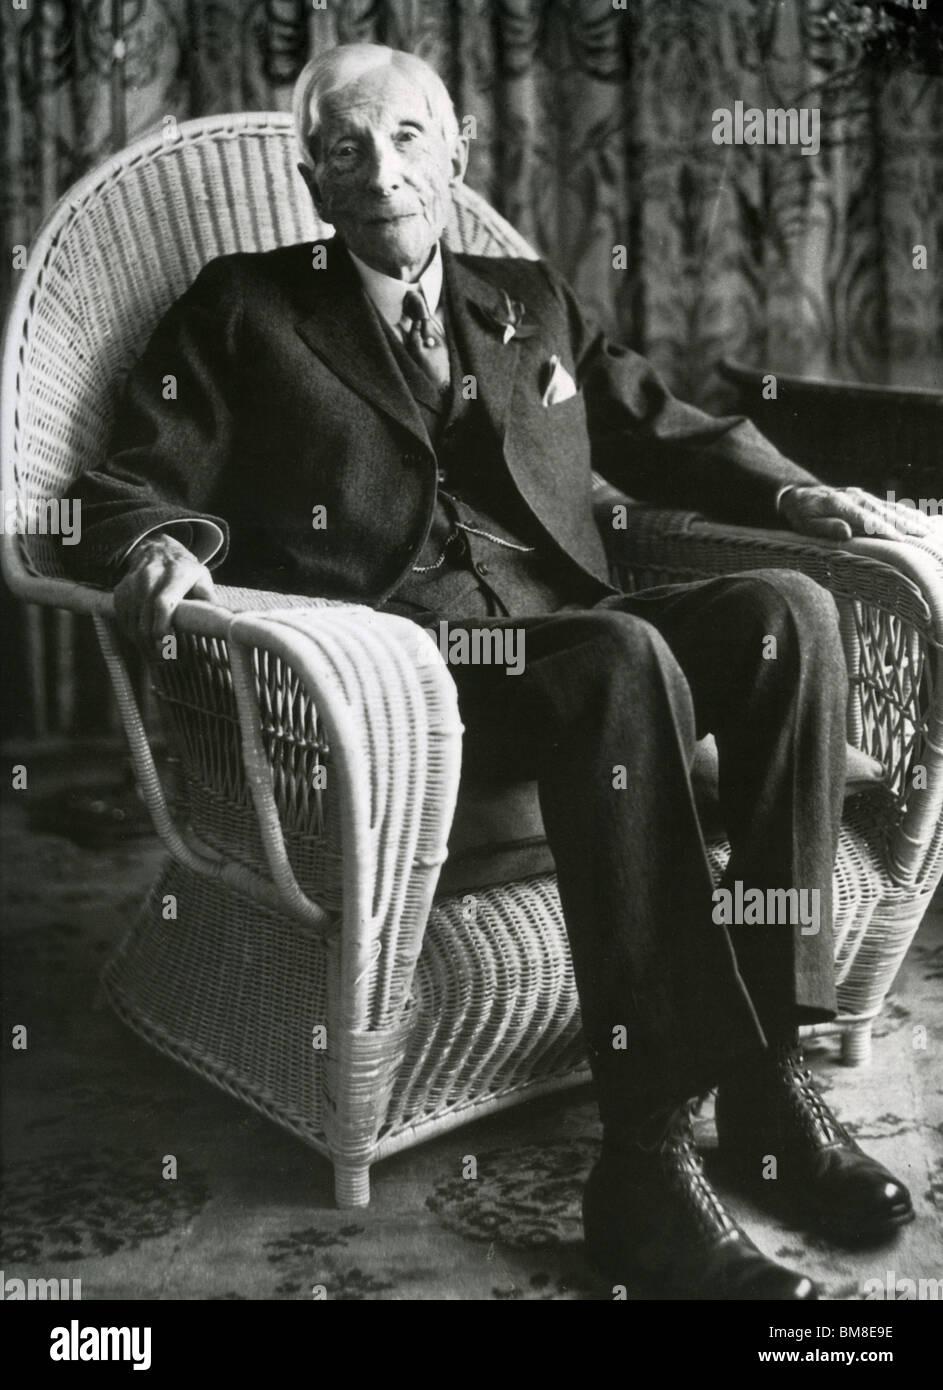 JOHN D(AVIDSON) ROCKEFELLER - US oil magnate and philanthropist (1839-1937) - Stock Image